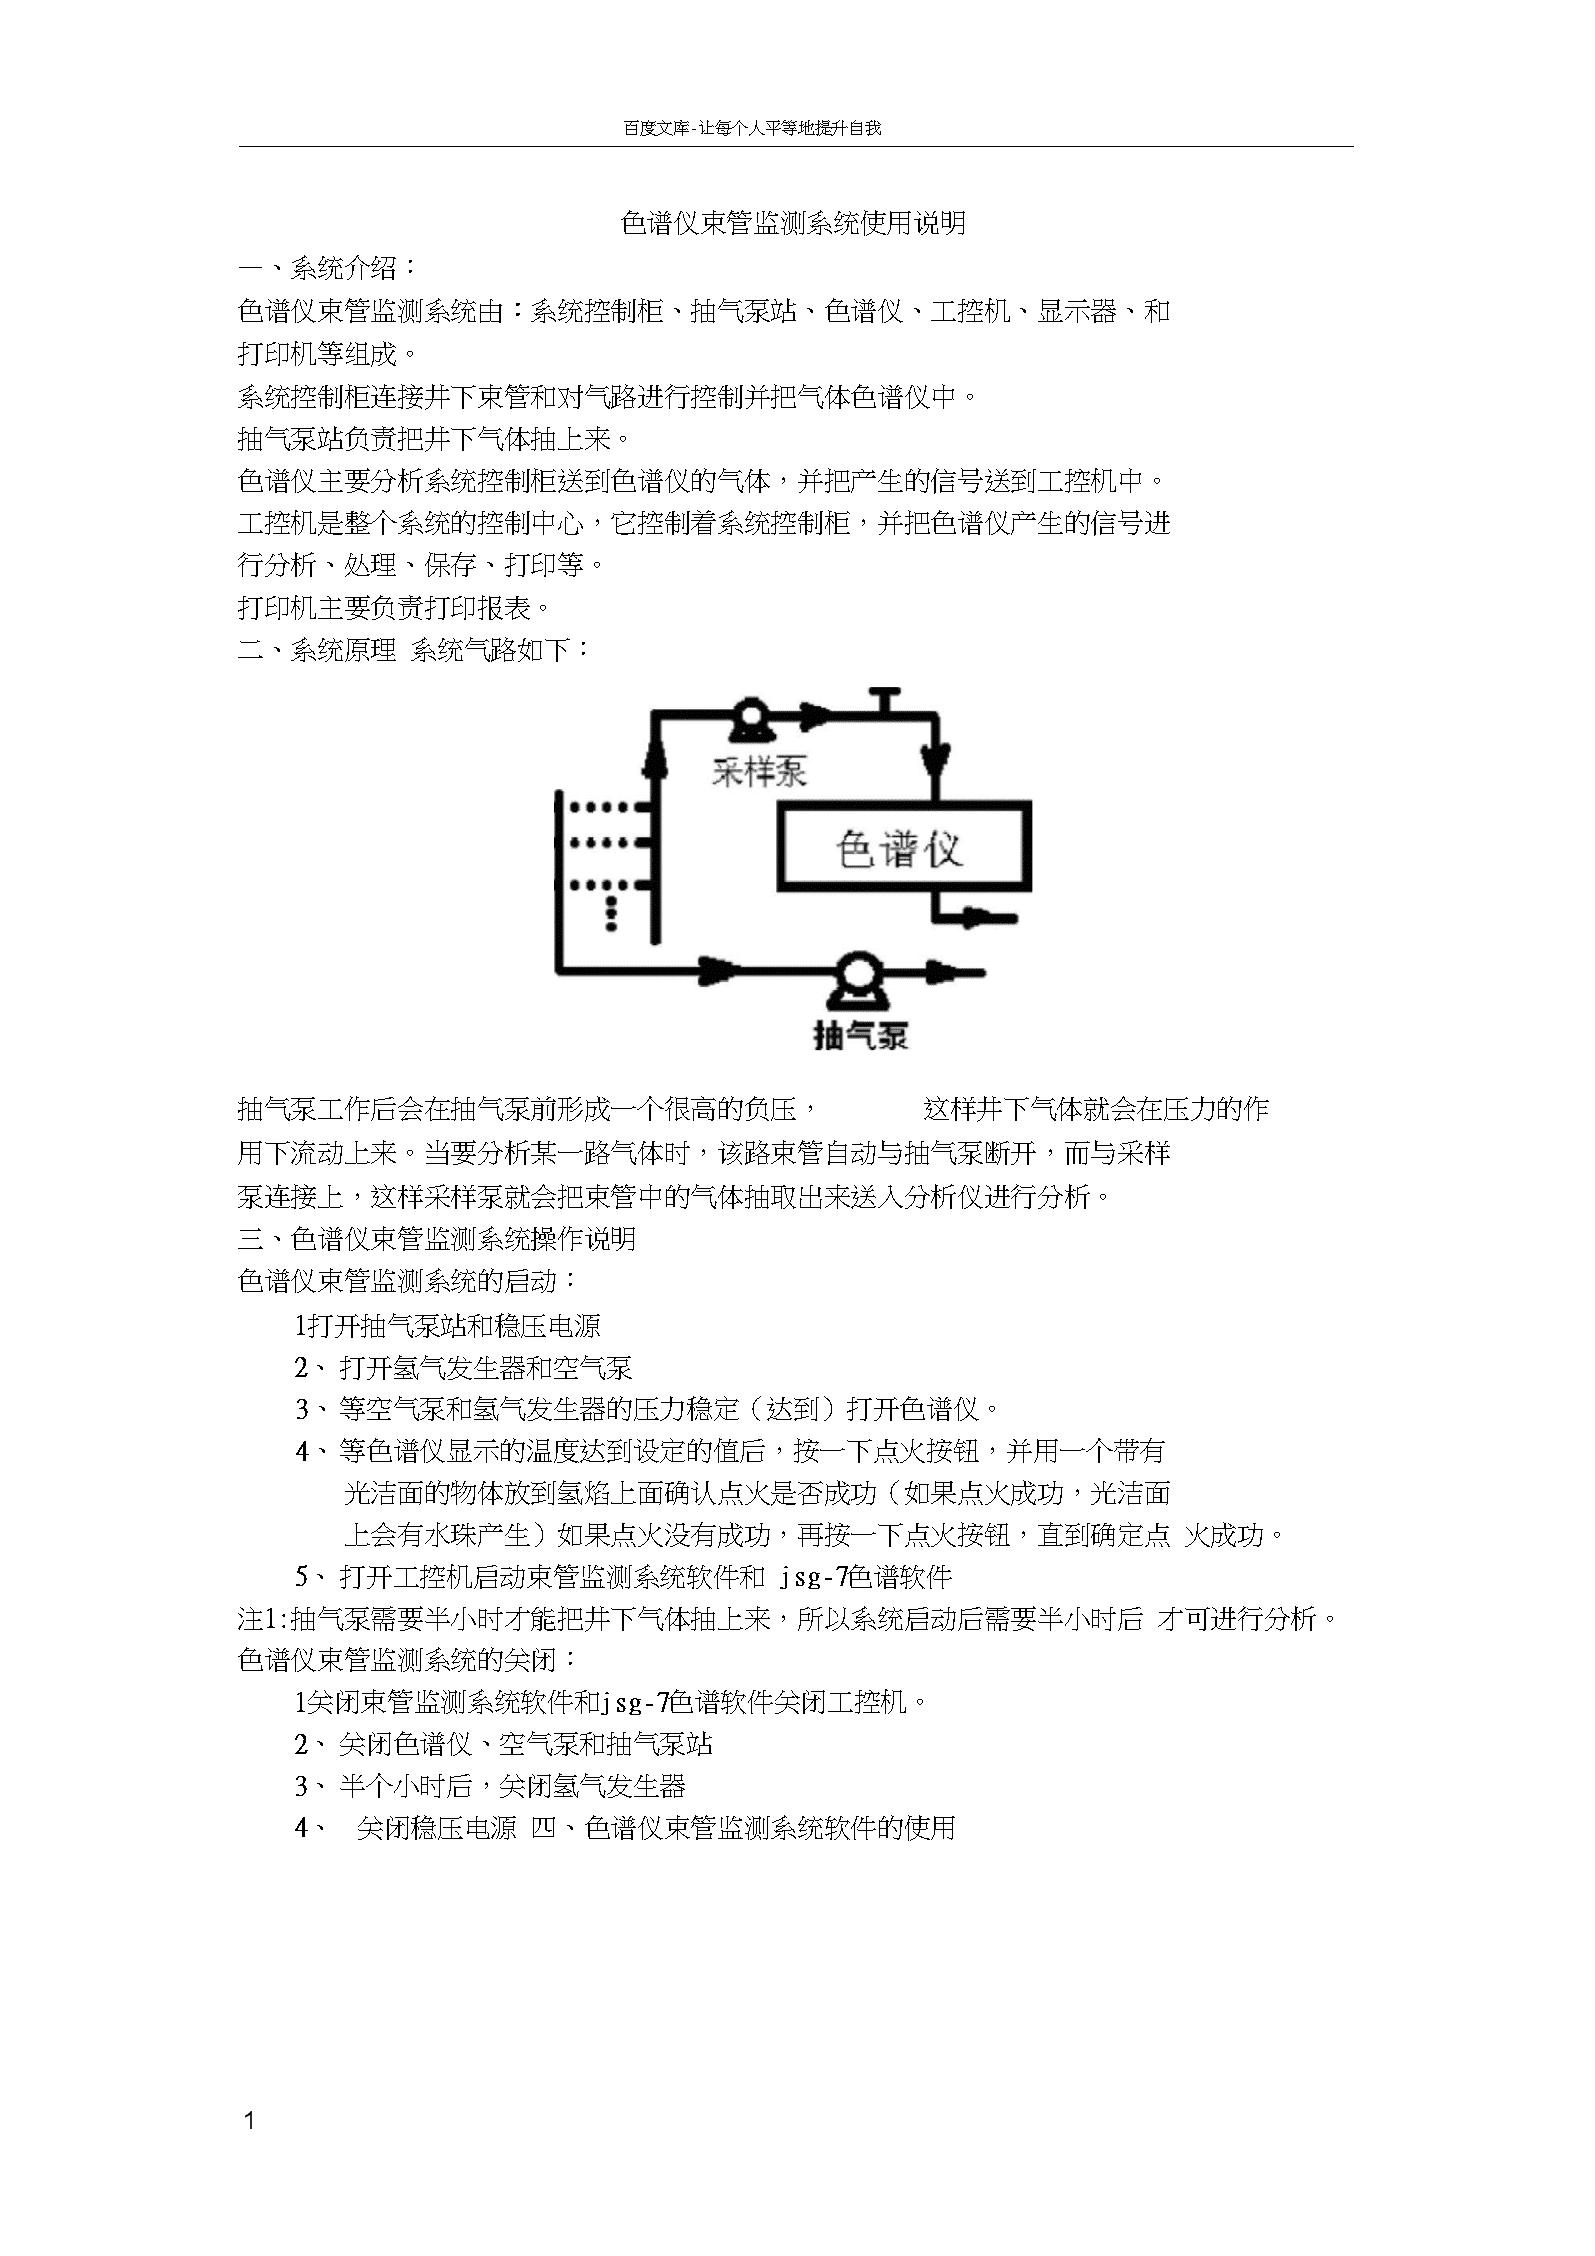 色谱仪束管监系统使用说明.docx